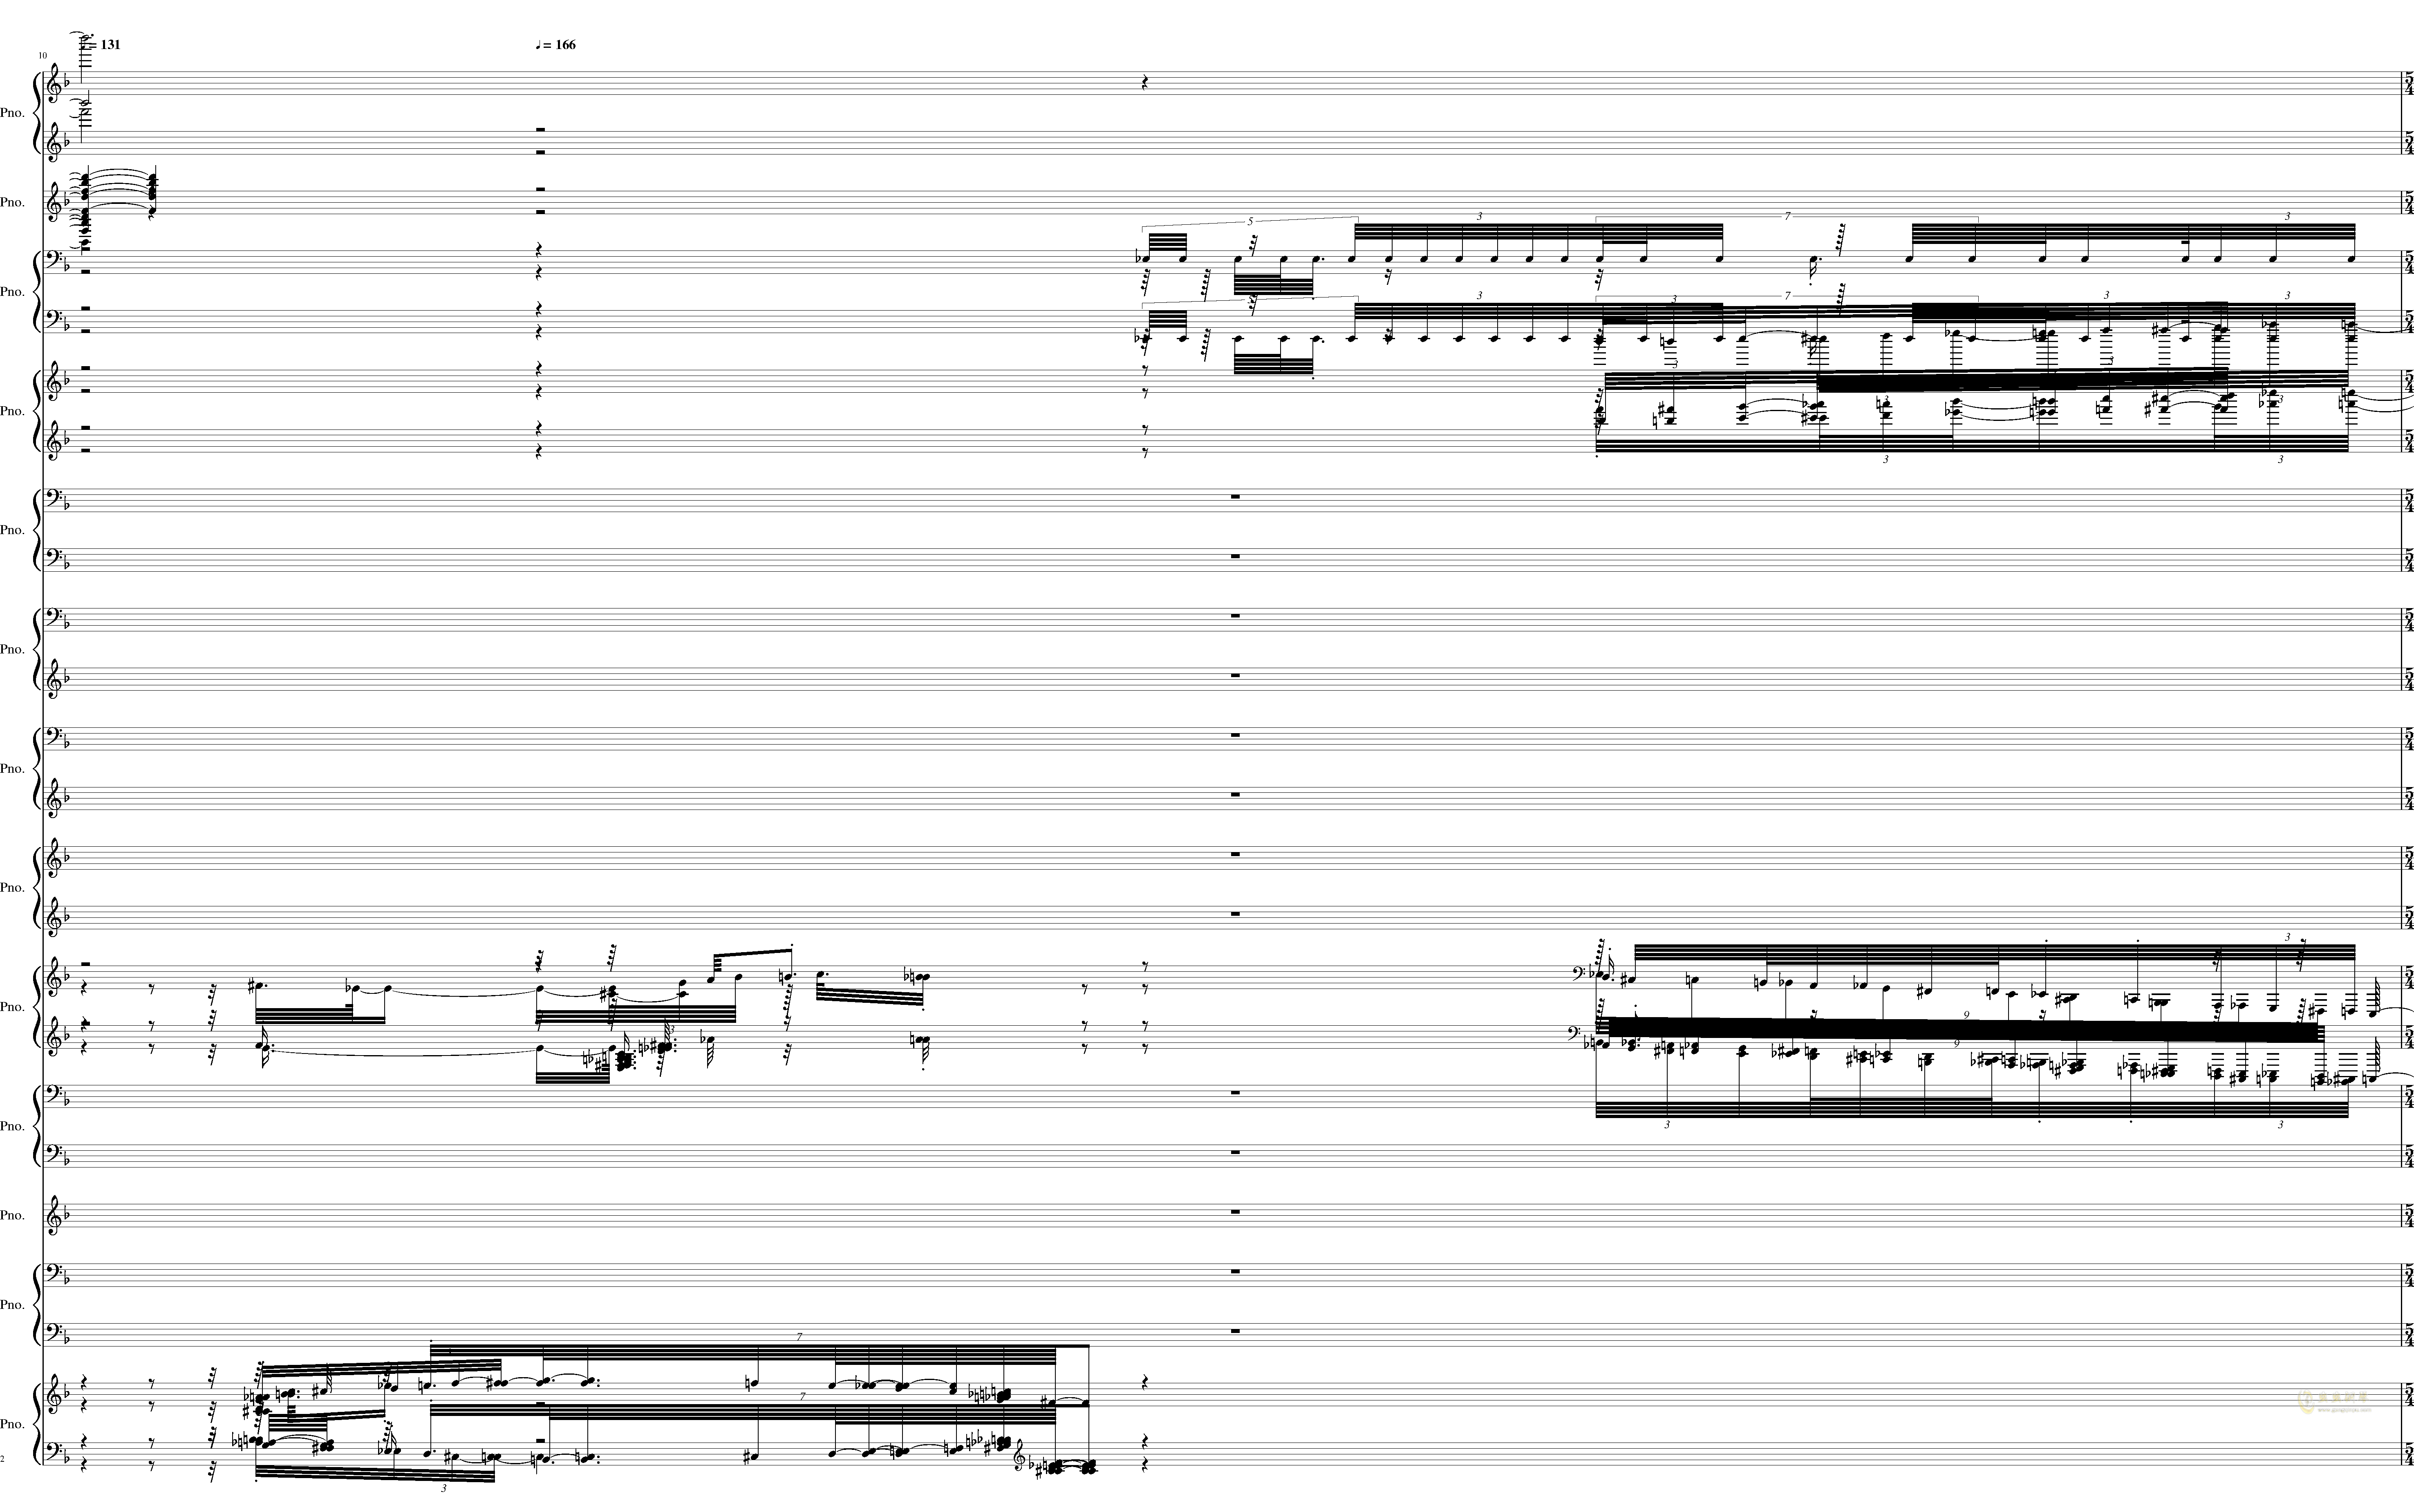 U.N. Owen was Her钢琴谱 第2页